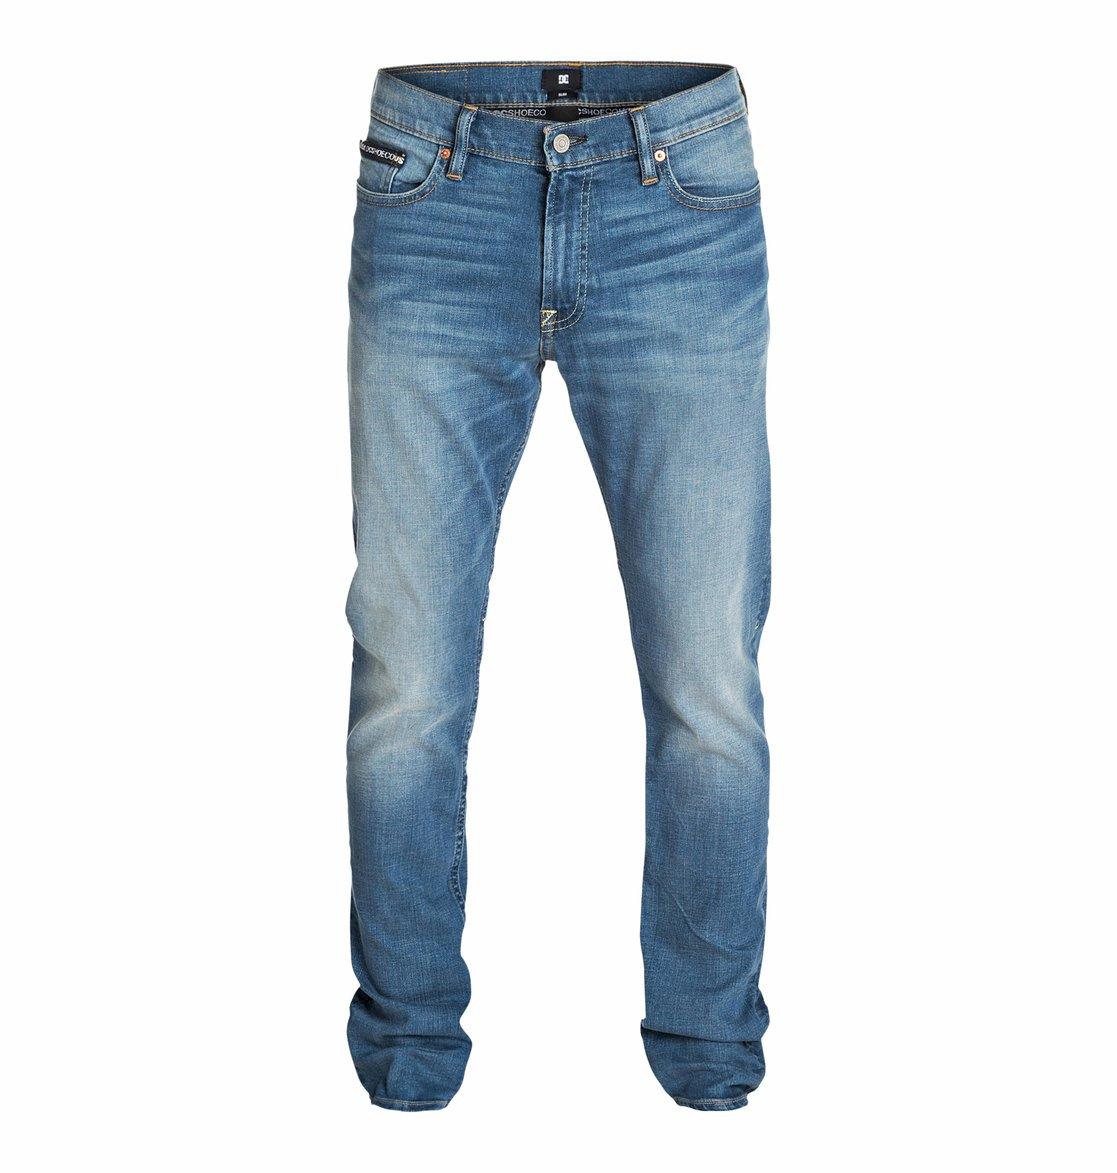 Worker Slim Jean Heavy Stone 34 - Dcshoes - Dcshoes������� ����� ������ Wkr Slim Jean Heavy Stone Wash 34 �� DC Shoes � ������� �� ��������� ����� 2015. ��������������: ������� �� ������, ������������� ������, ������� � ������� DC.<br>